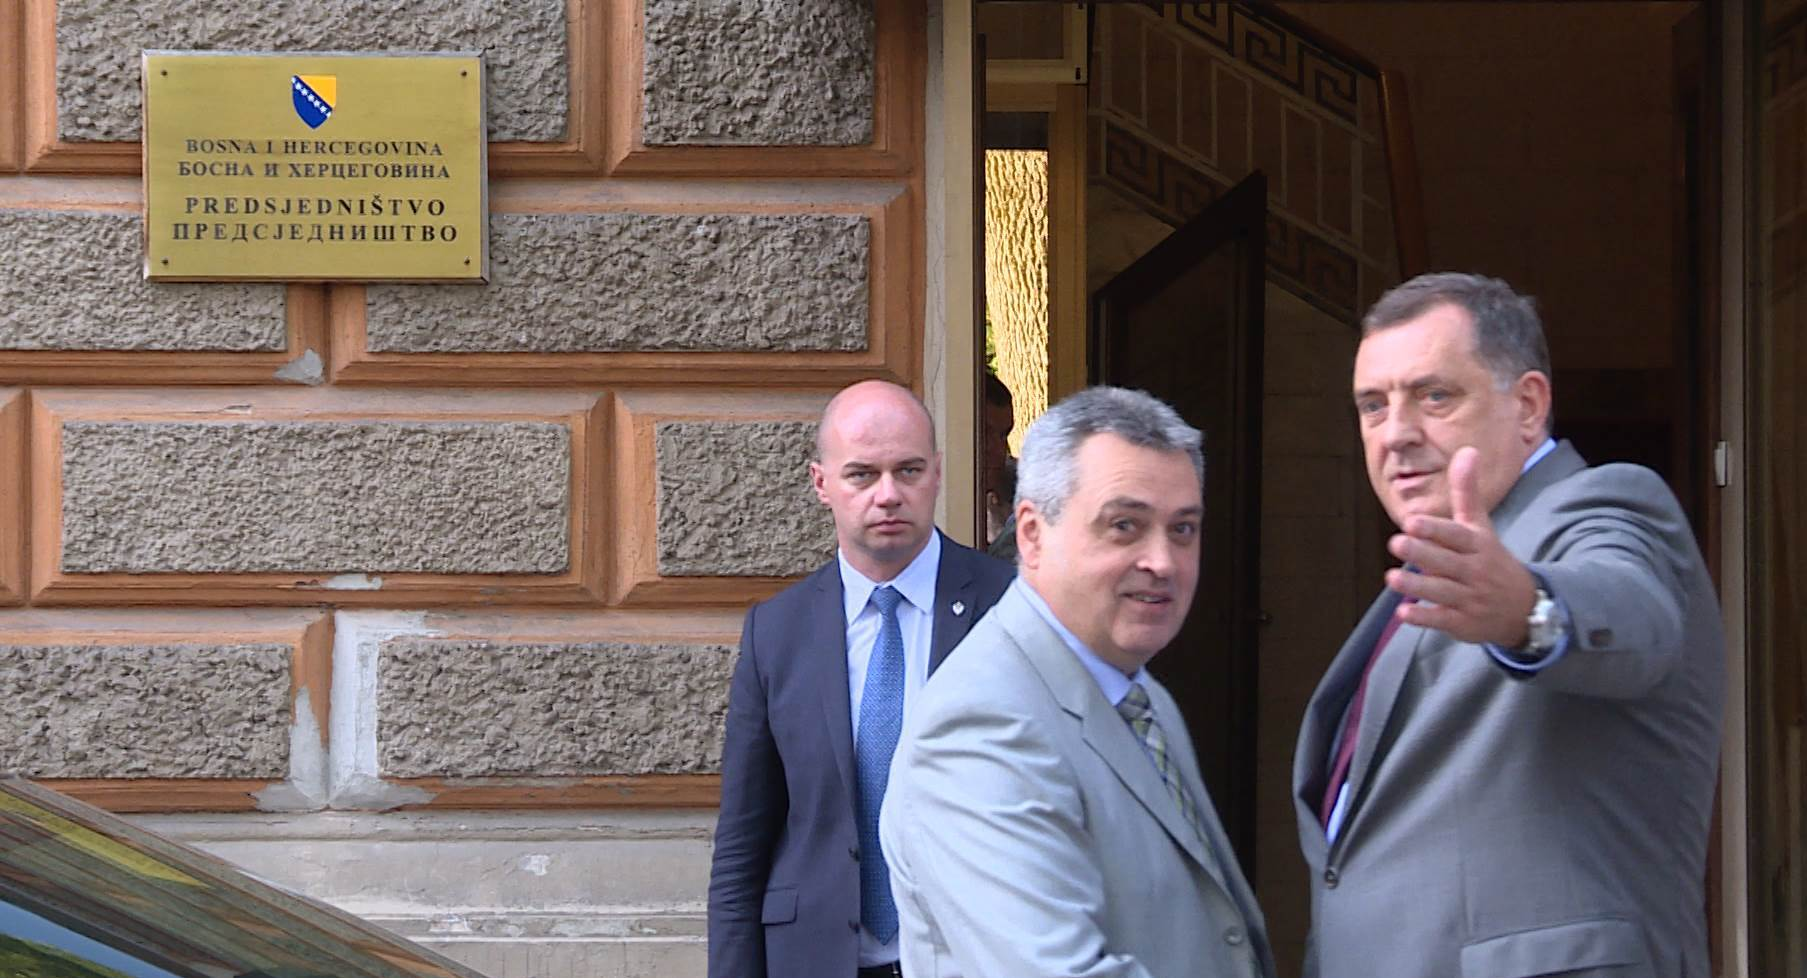 BLAŽI SIMPTOMI: Generalni sekretar Predsjedništva BiH pozitivan na koronavirus